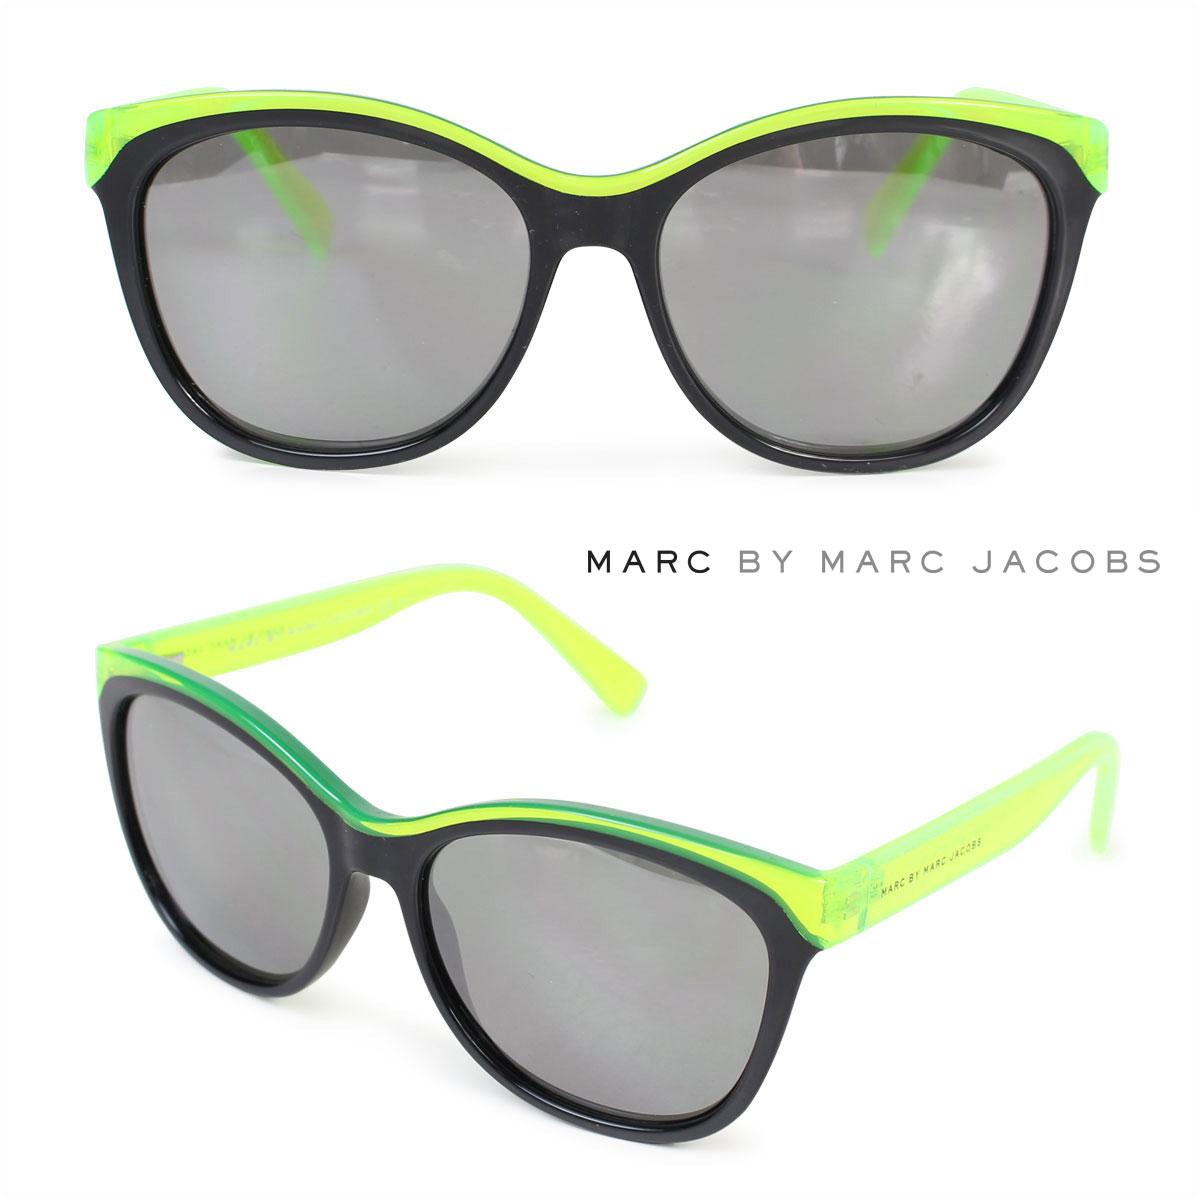 MARC BY MARC JACOBS マークバイマークジェイコブス サングラス レディース MMJ439/S ライムブラック